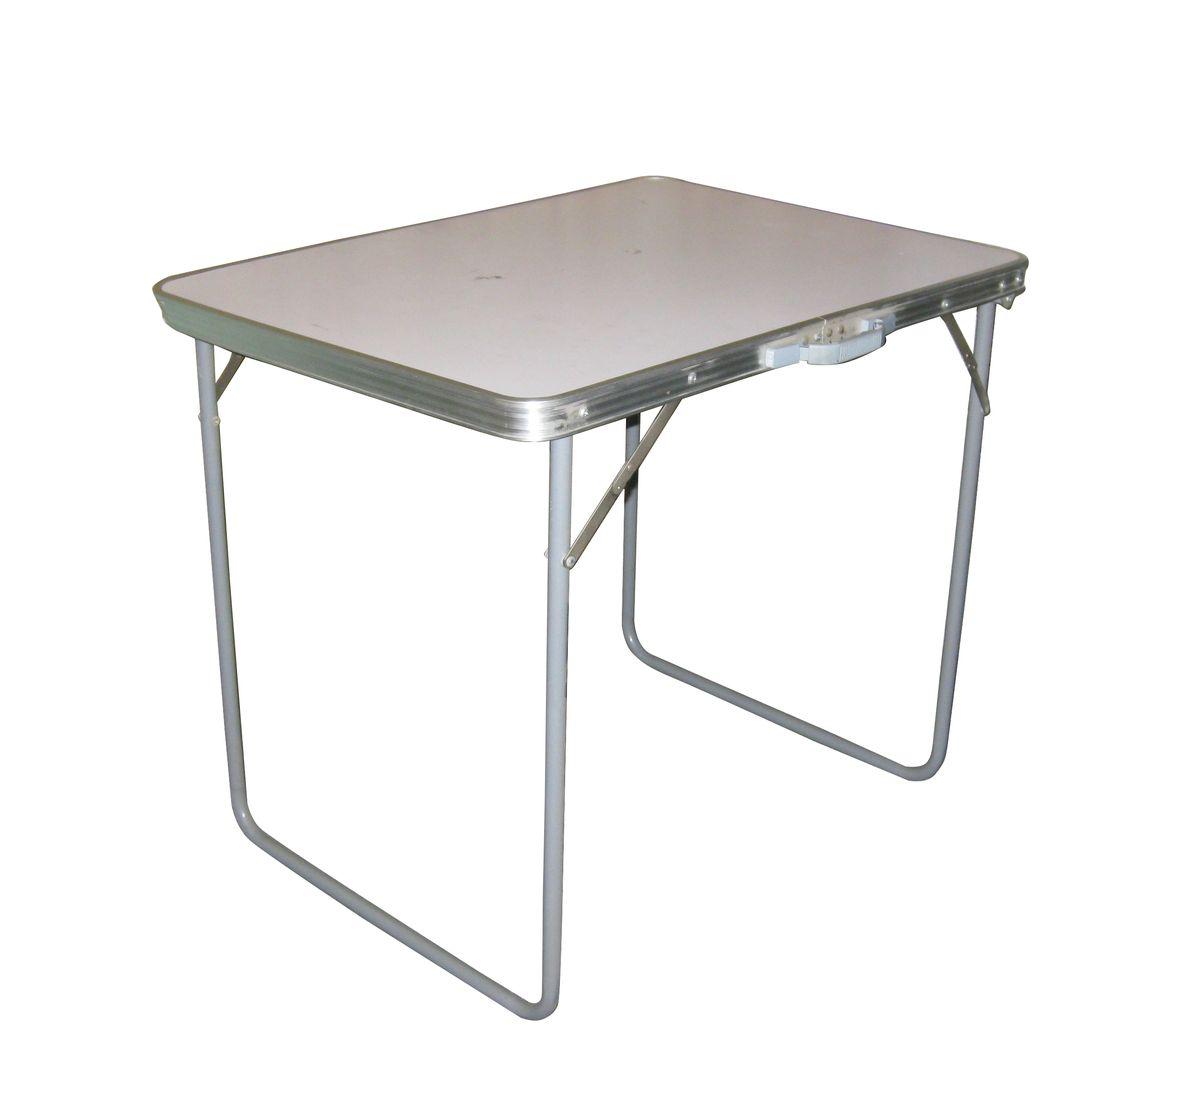 Стол складной Reka, цвет: белыйPT-021Складной стол для пикника Reka очень легкий и удобный для похода, кемпинга и дачи. Он выполнен из алюминия и МДФ.Весит всего 3,5 кг.Размер: 80 x 60 x 70 см.